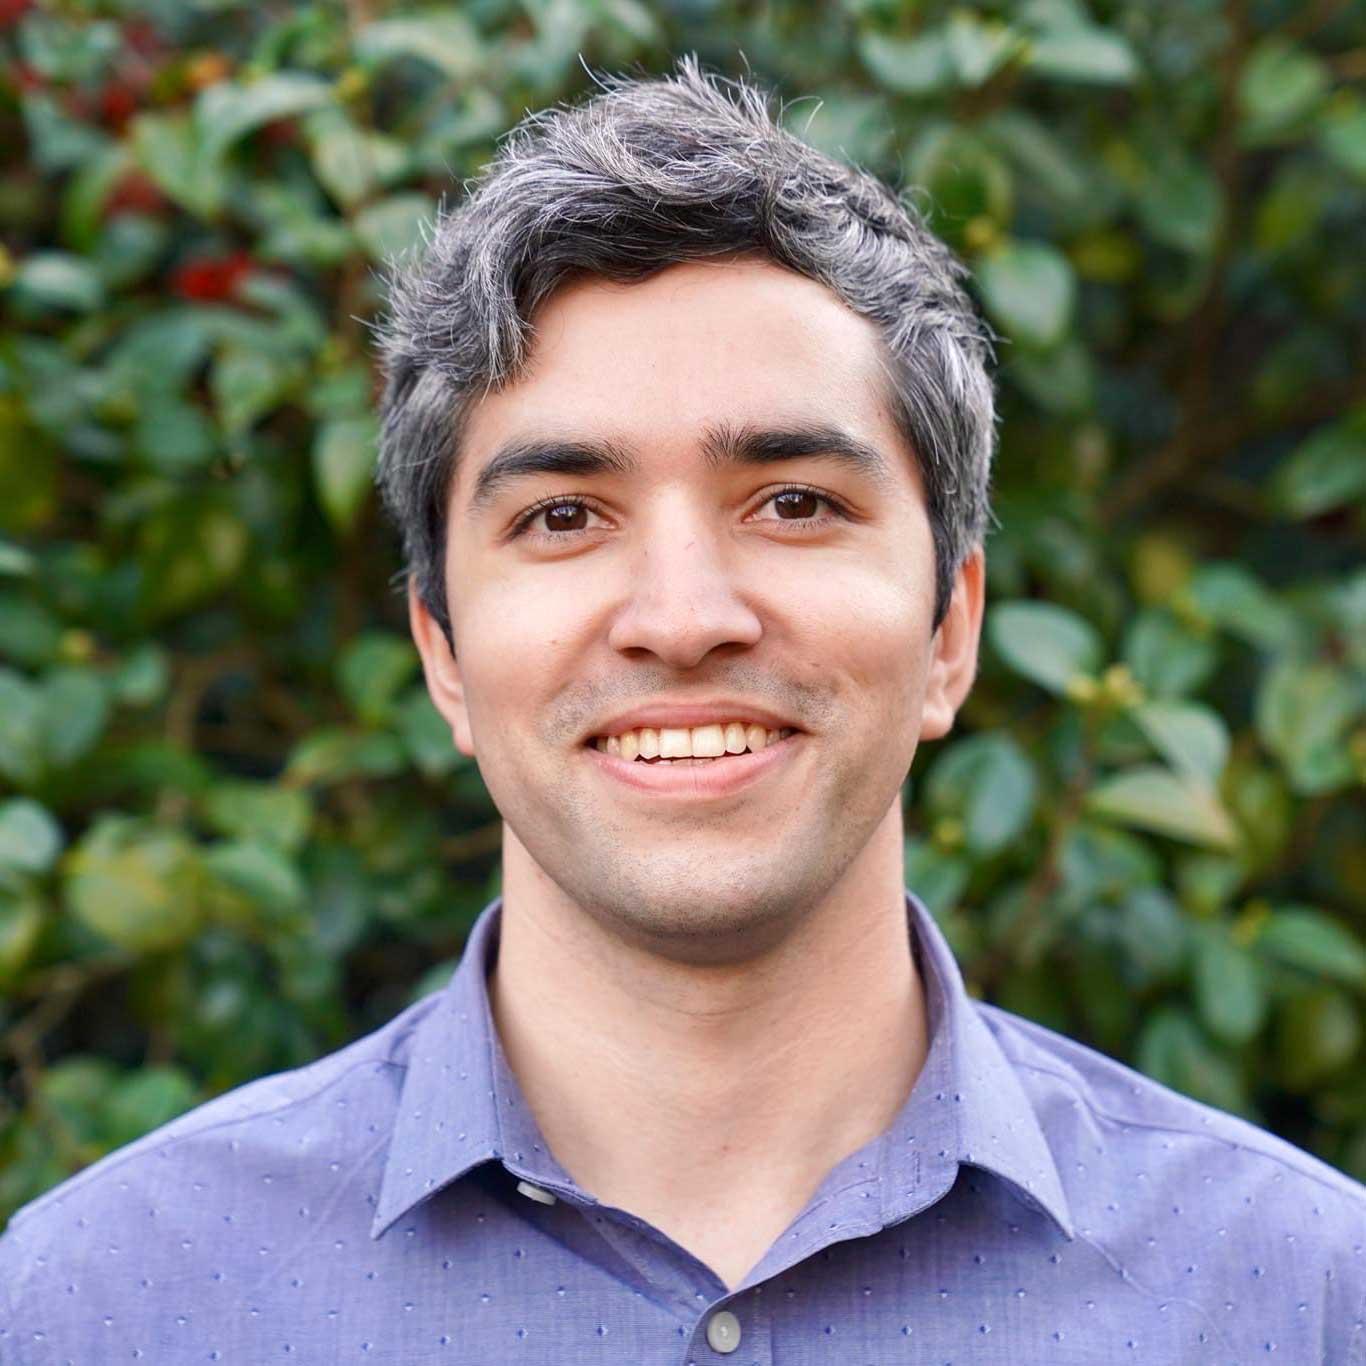 Joshua Hovden